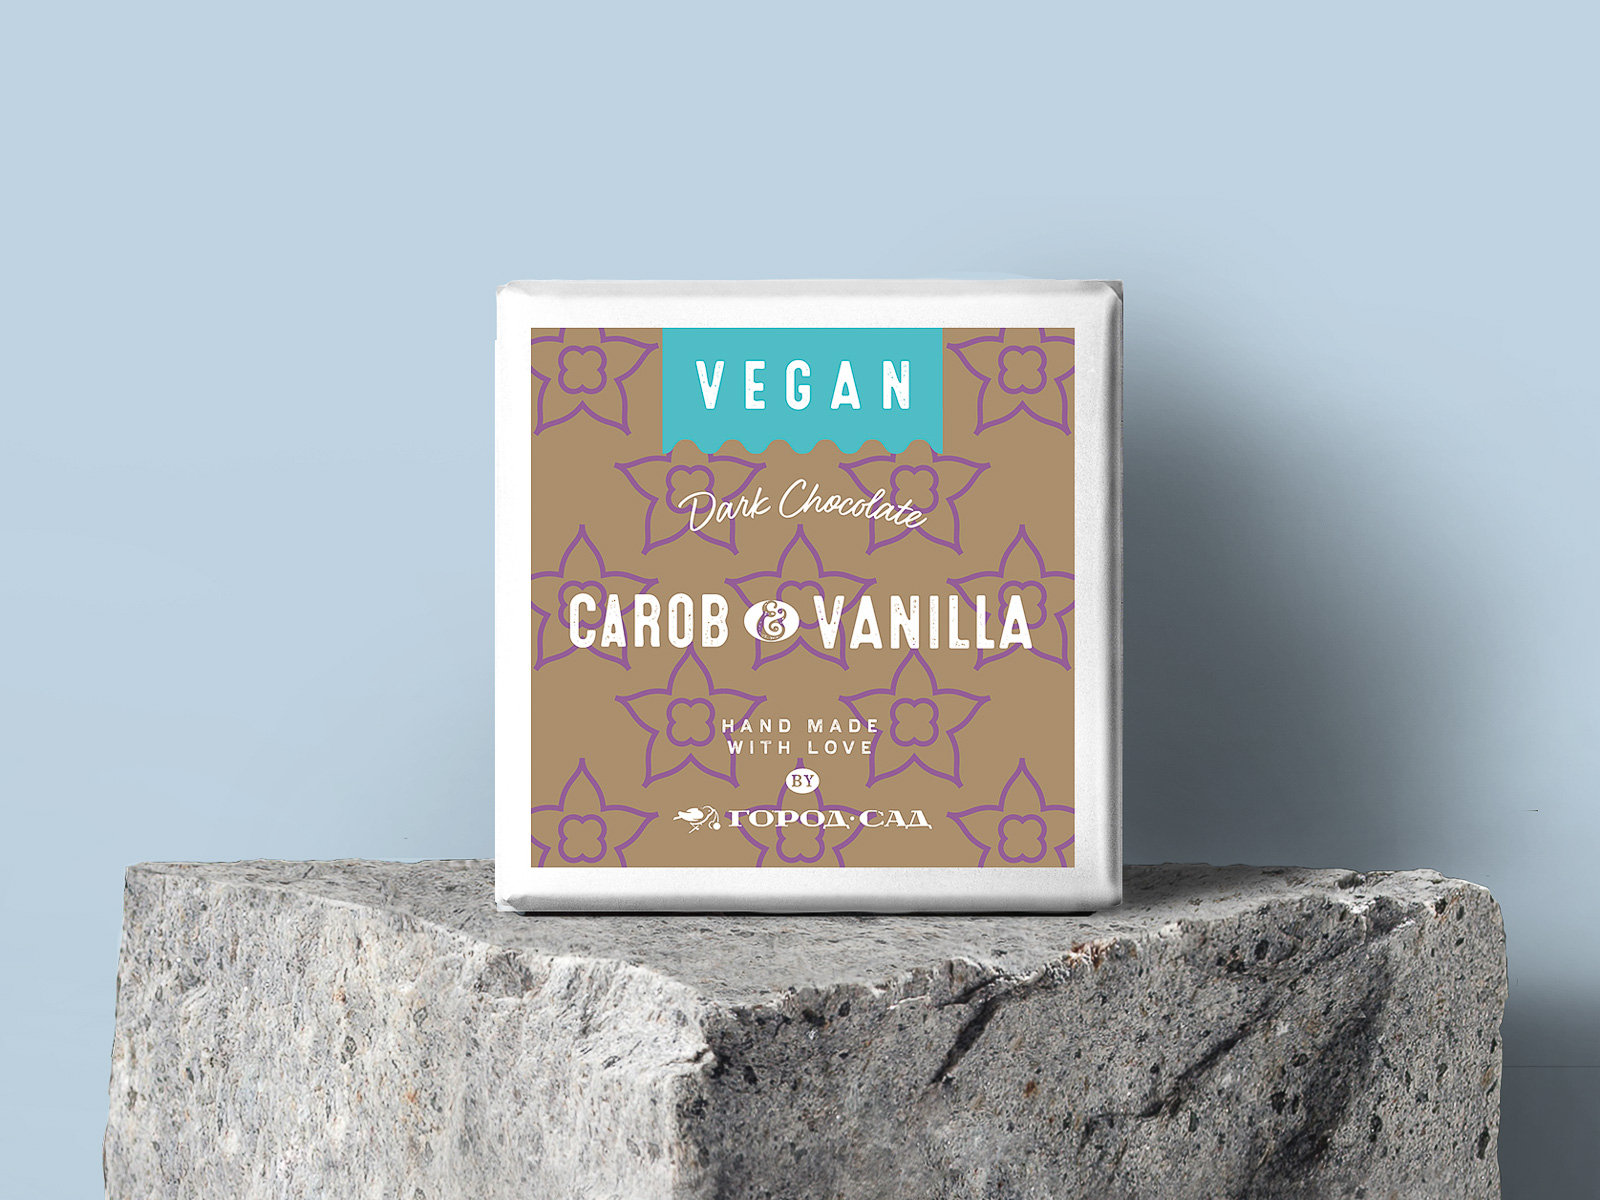 Шоколад Vegan темный на кэробе с ванилью Город-сад